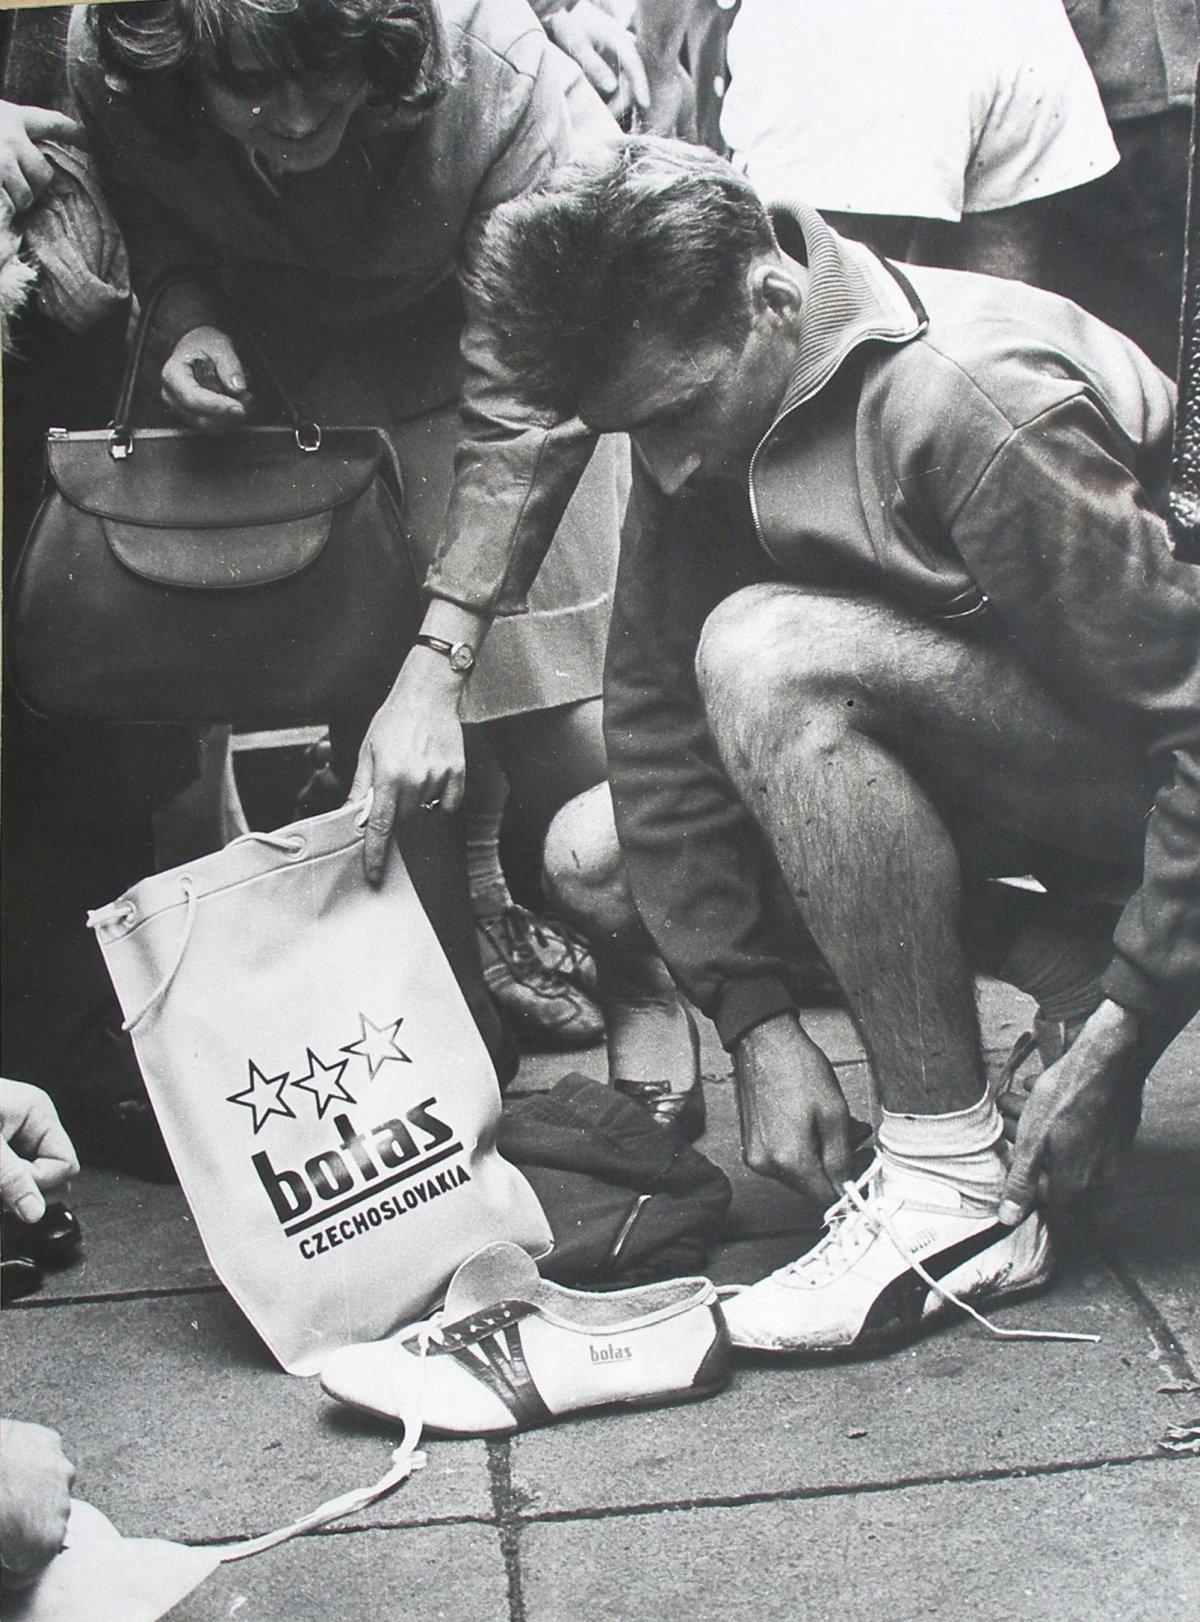 botas prague